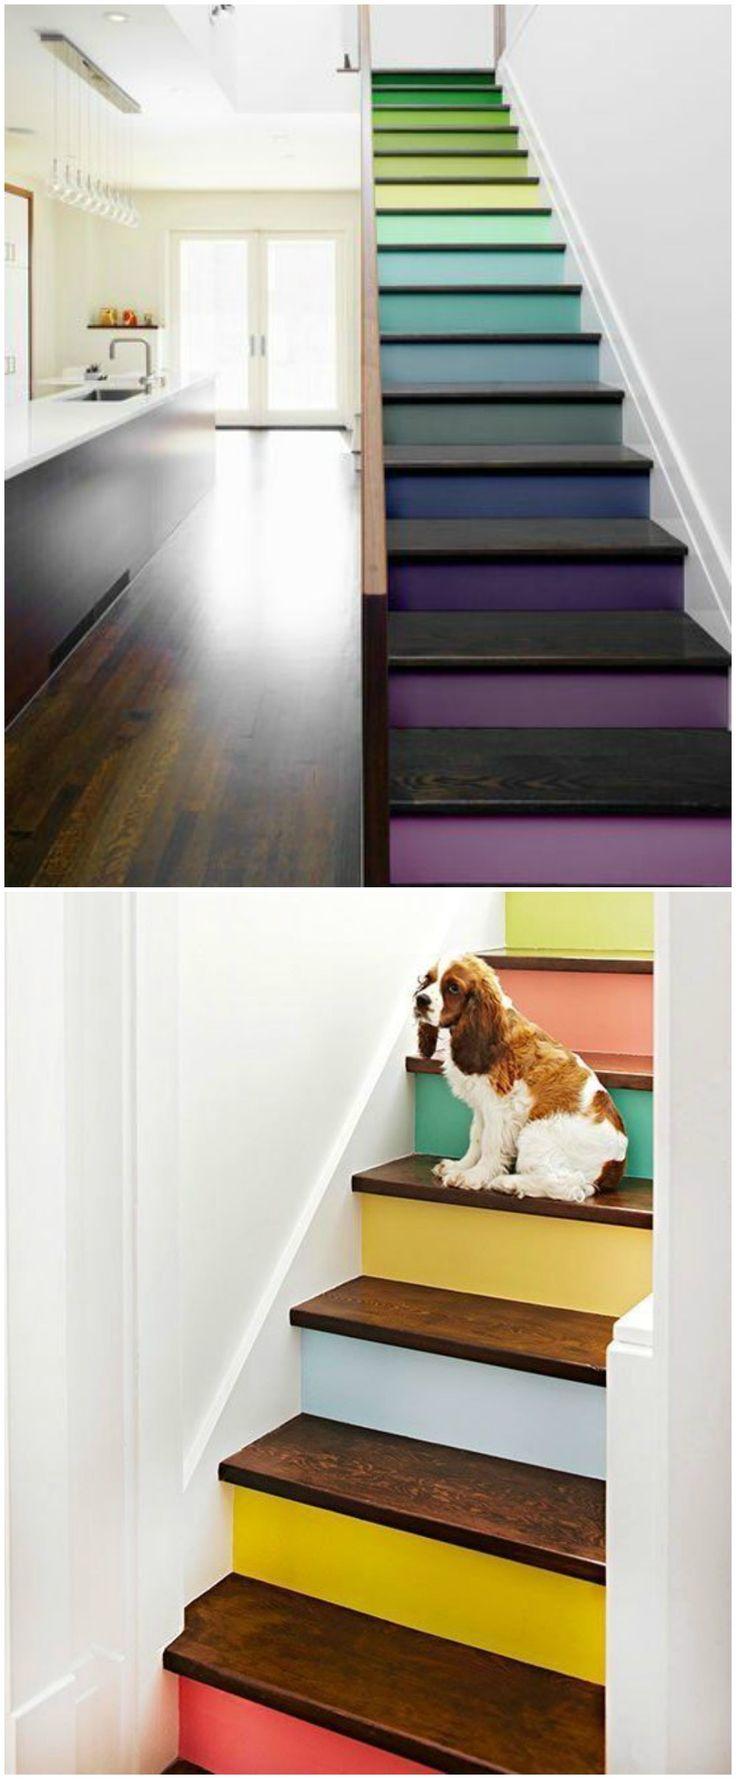 M s de 25 ideas incre bles sobre pintar escaleras en for Colores nuevos para pintar la casa